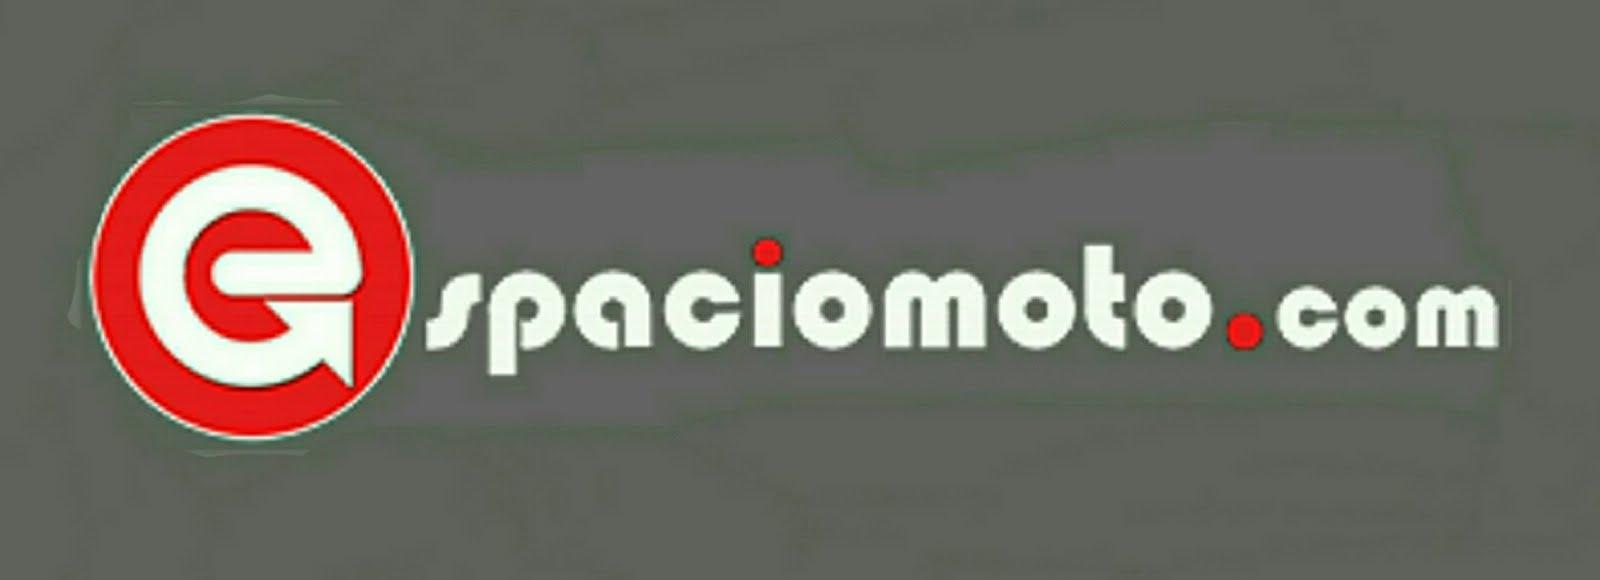 espaciomoto.com